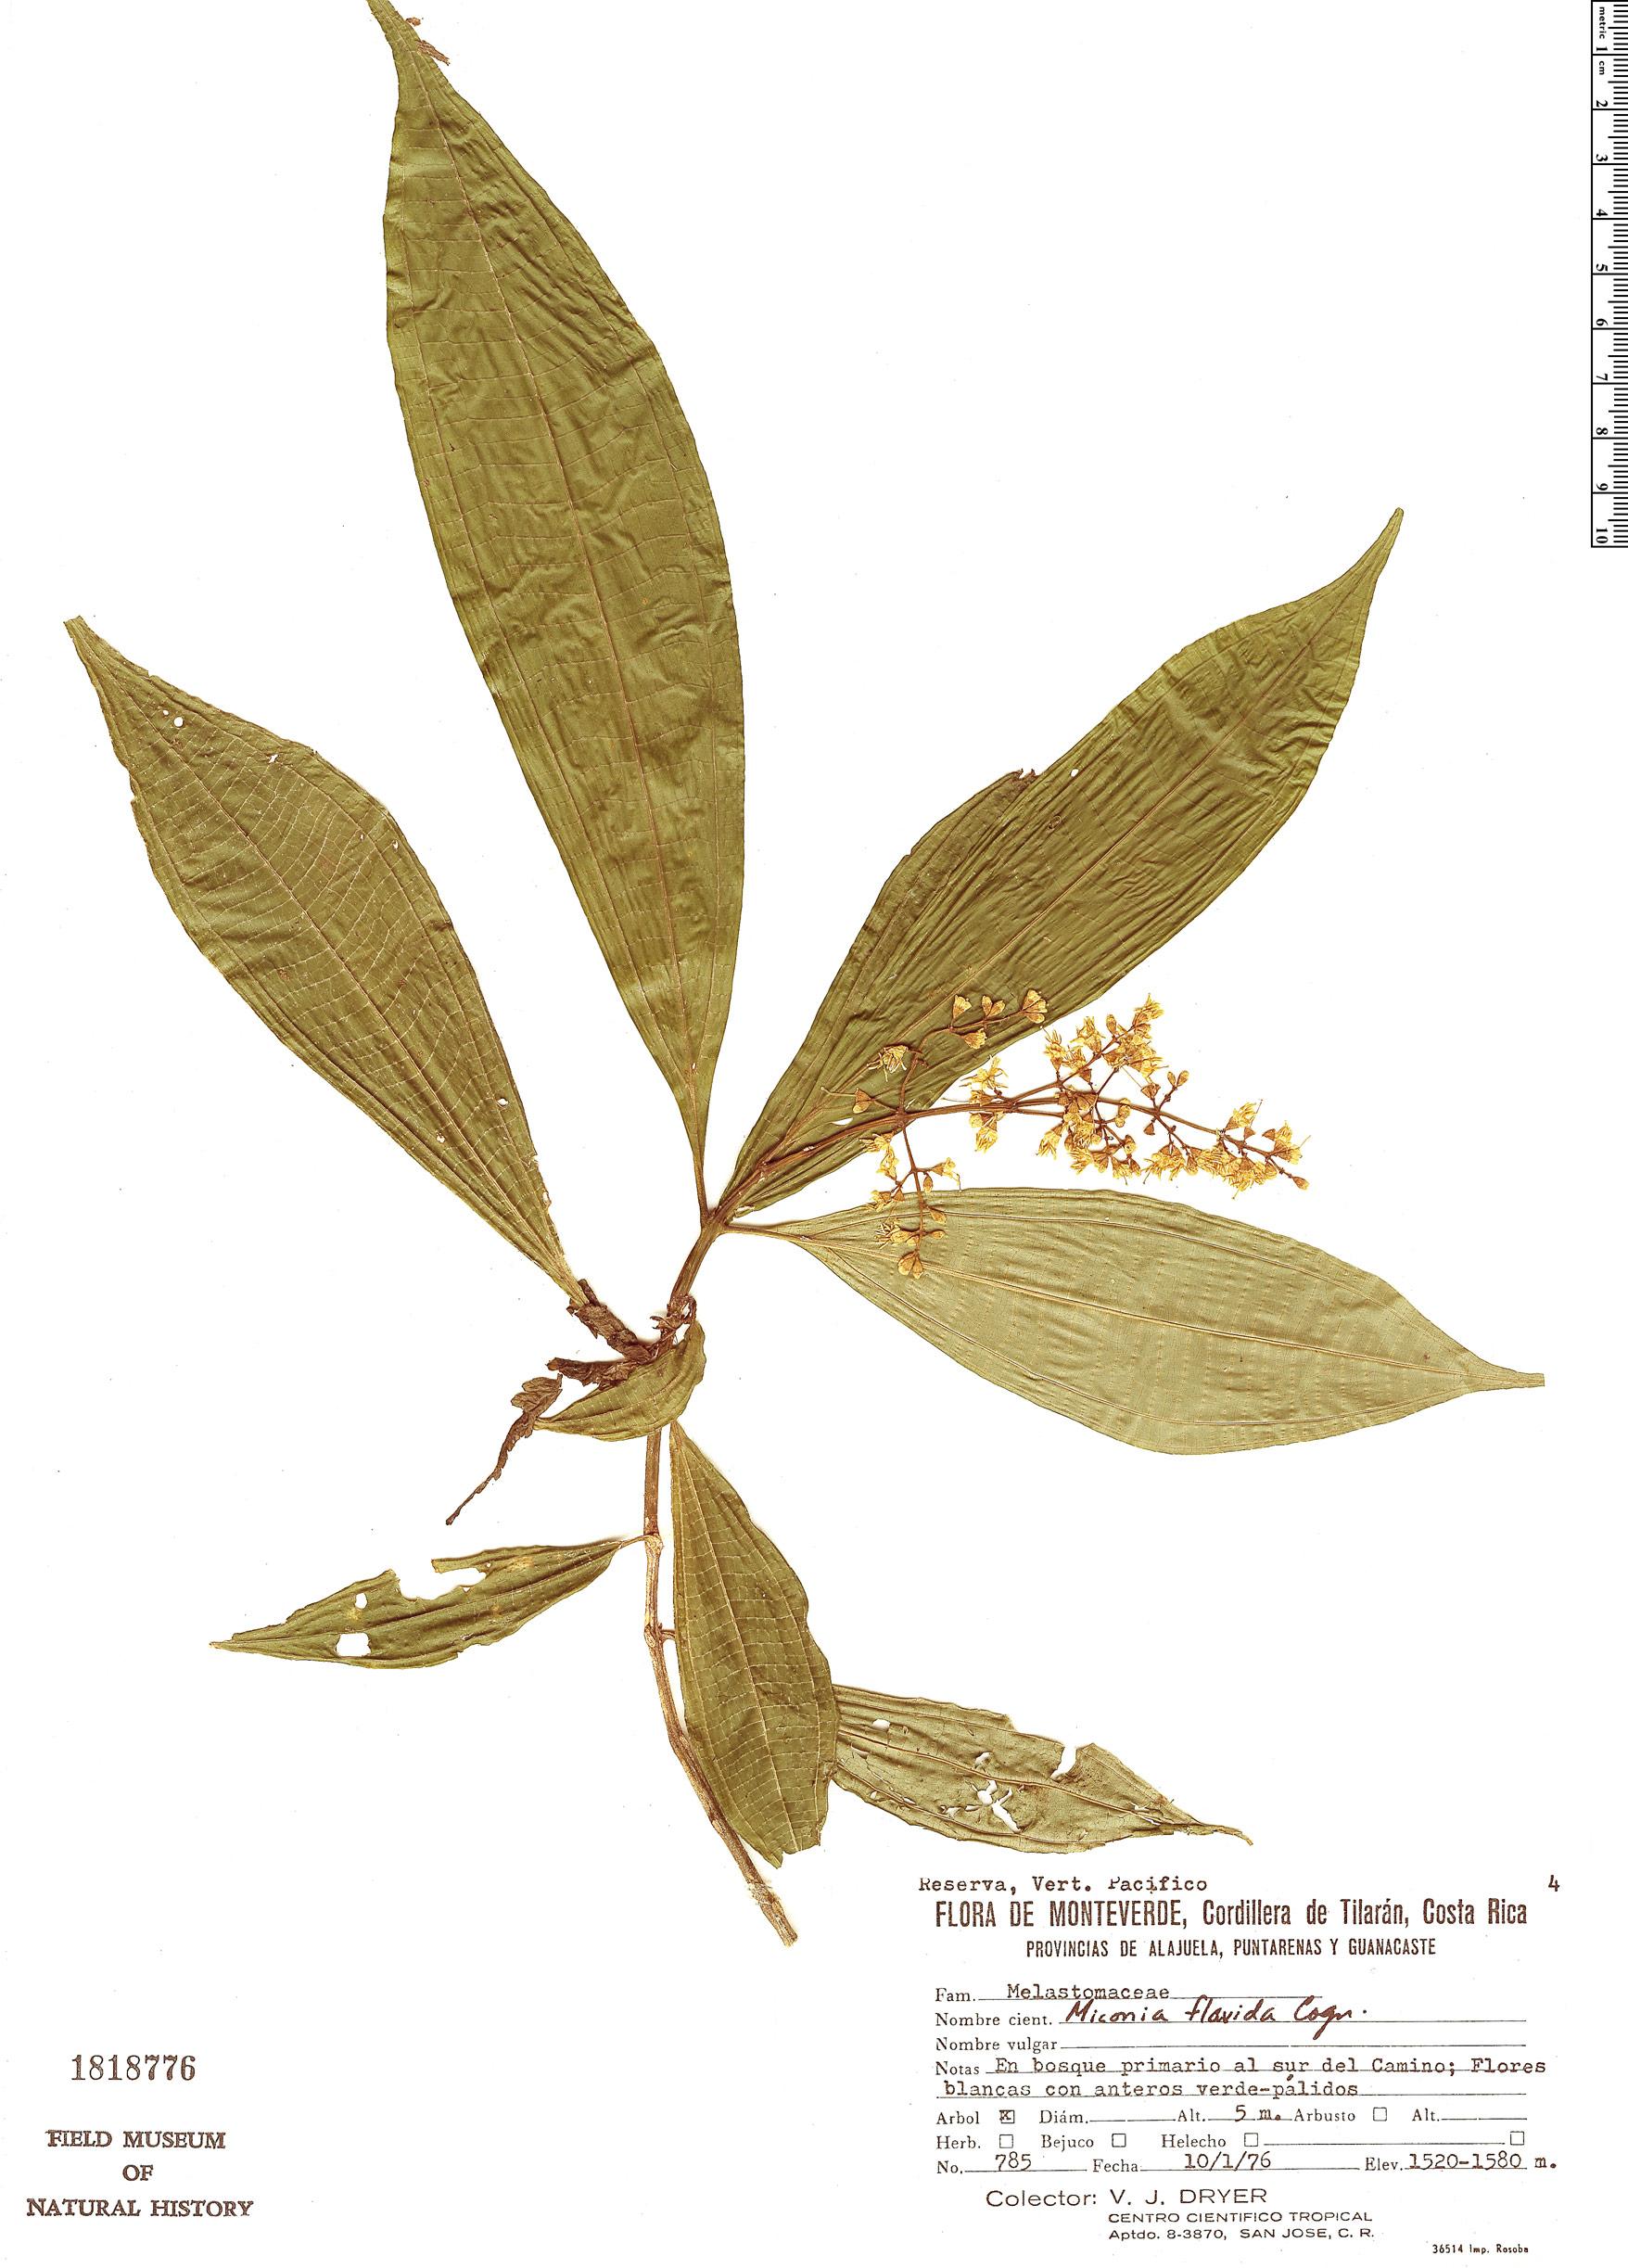 Specimen: Miconia gracilis